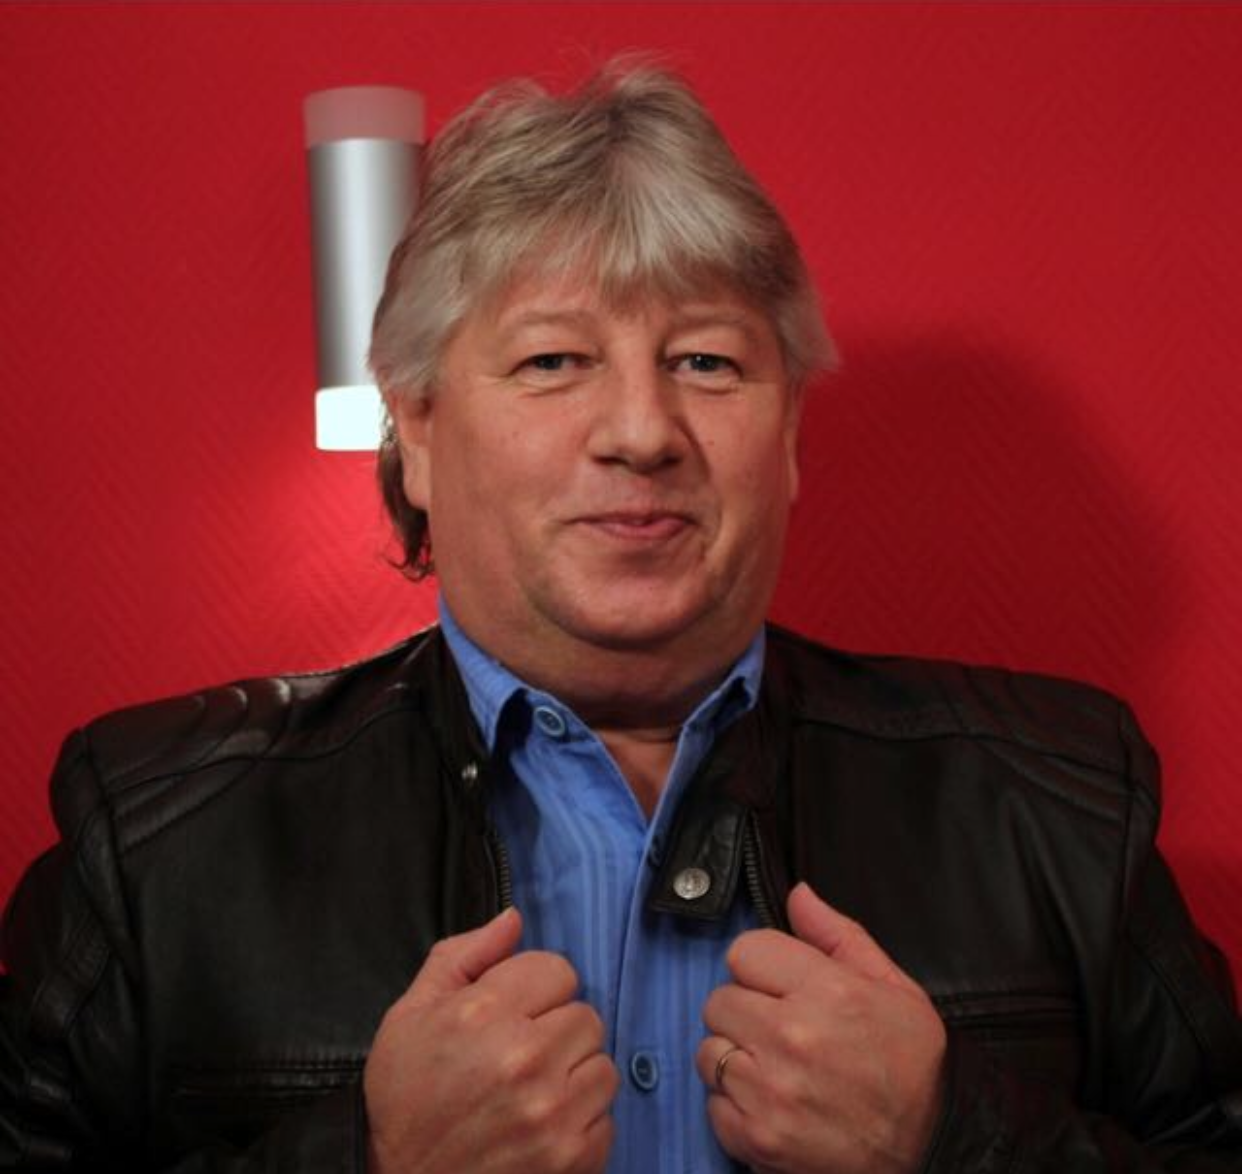 Gründer von AVPmanagement: Uwe Kleinert -